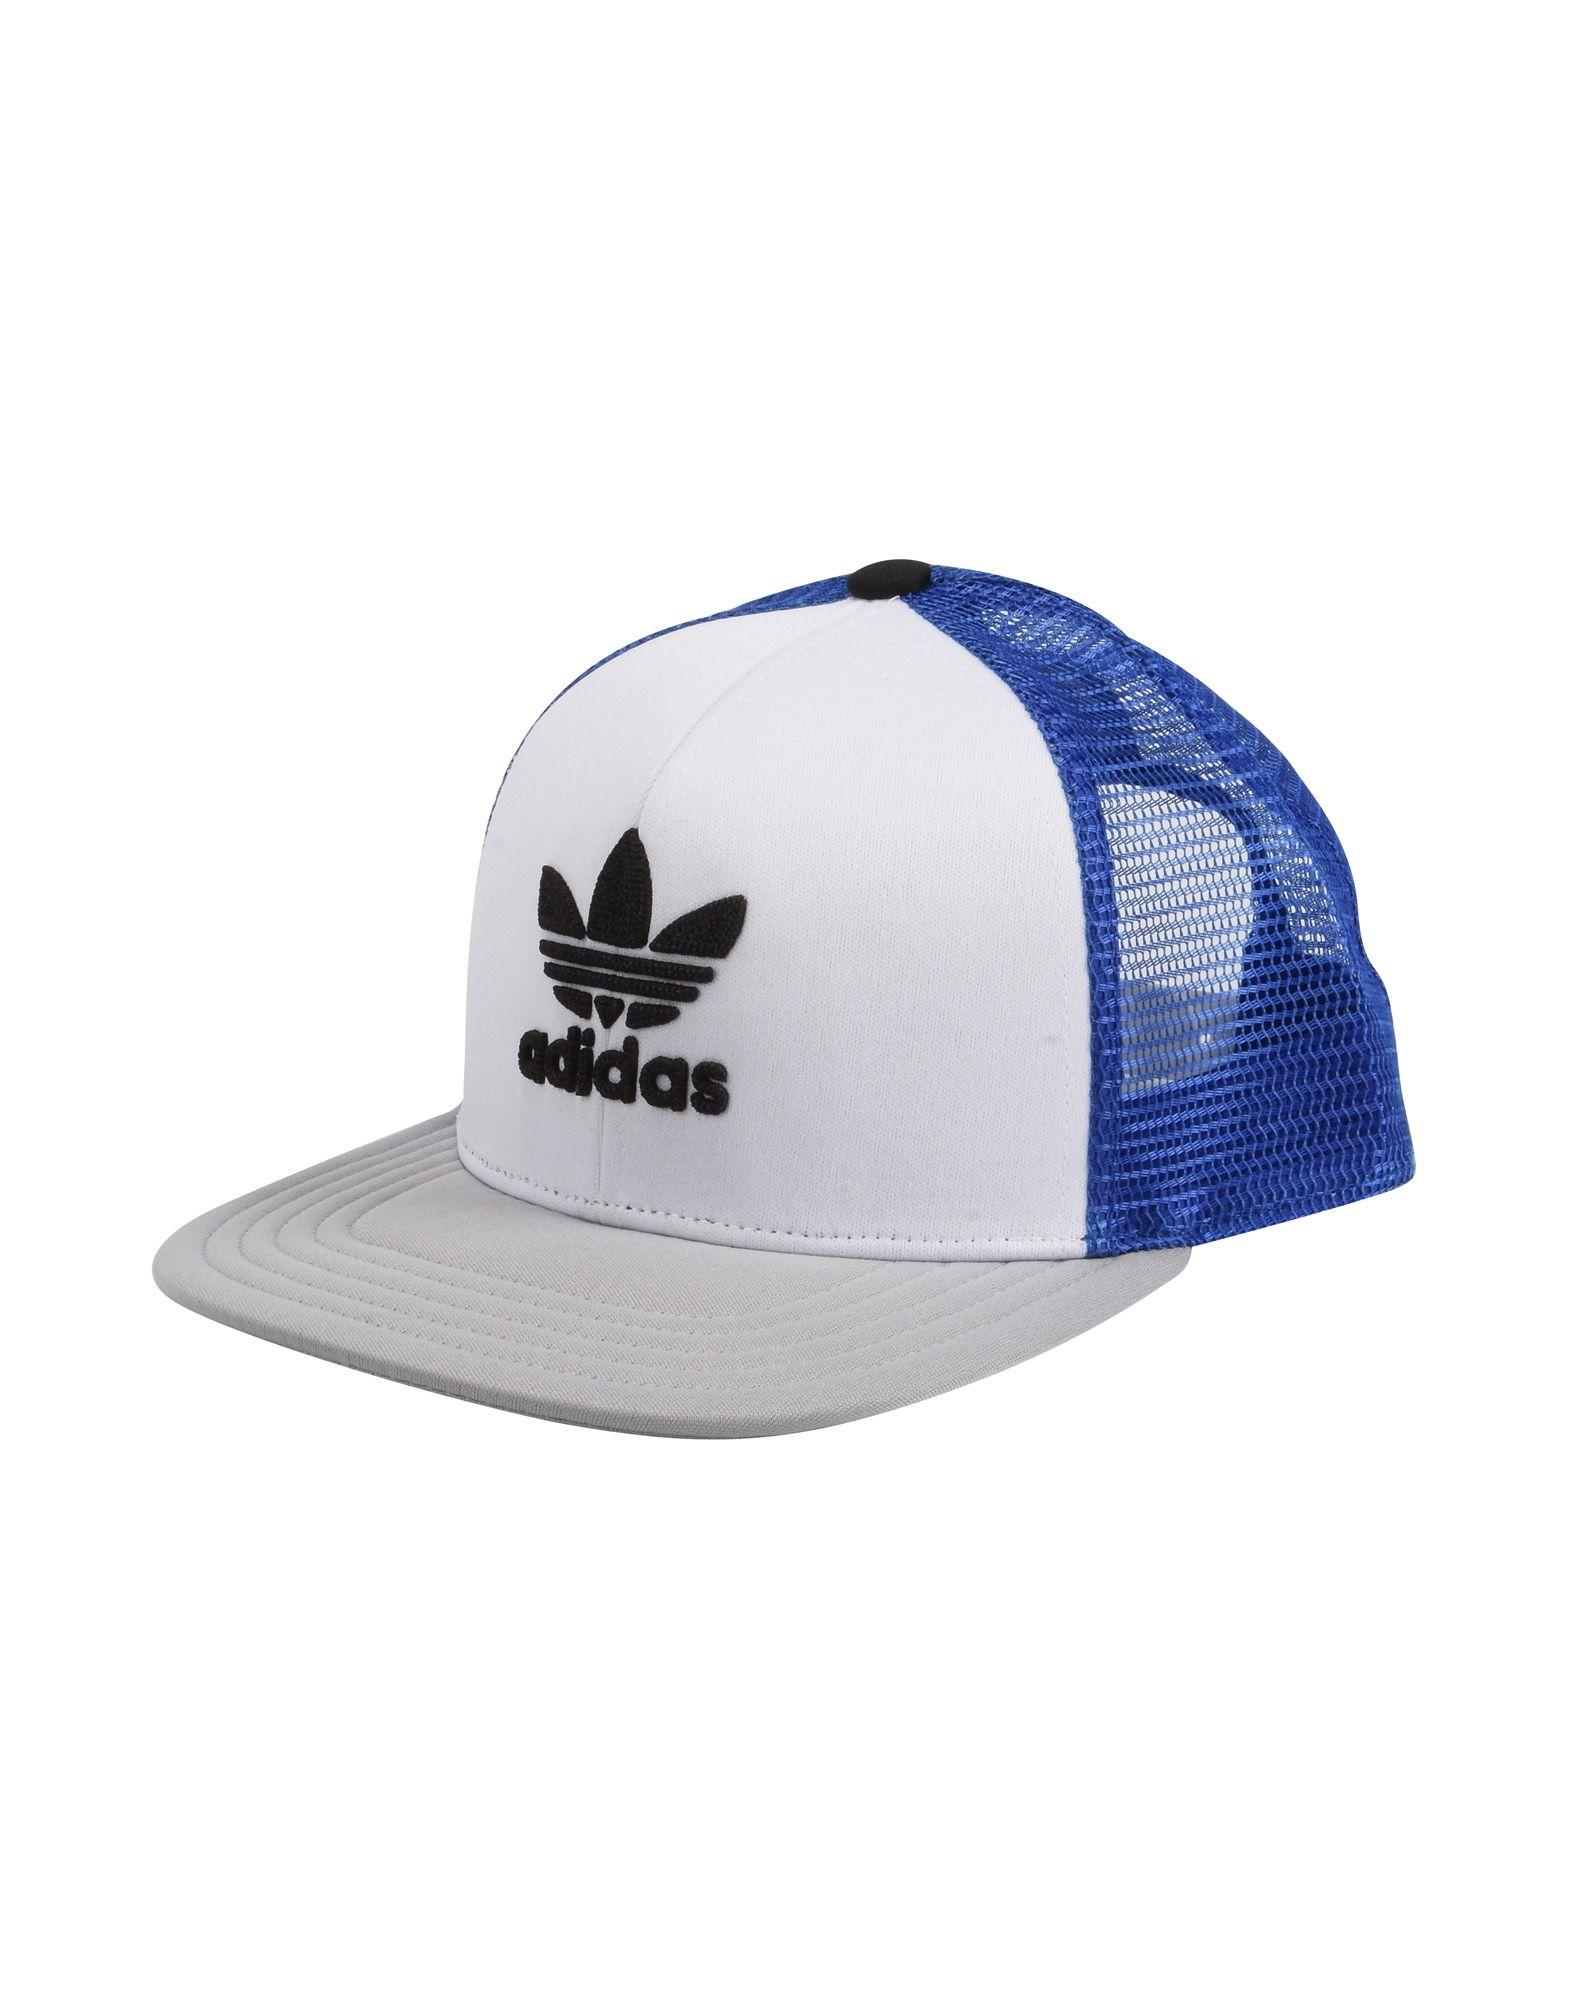 cappello adidas donna estivo